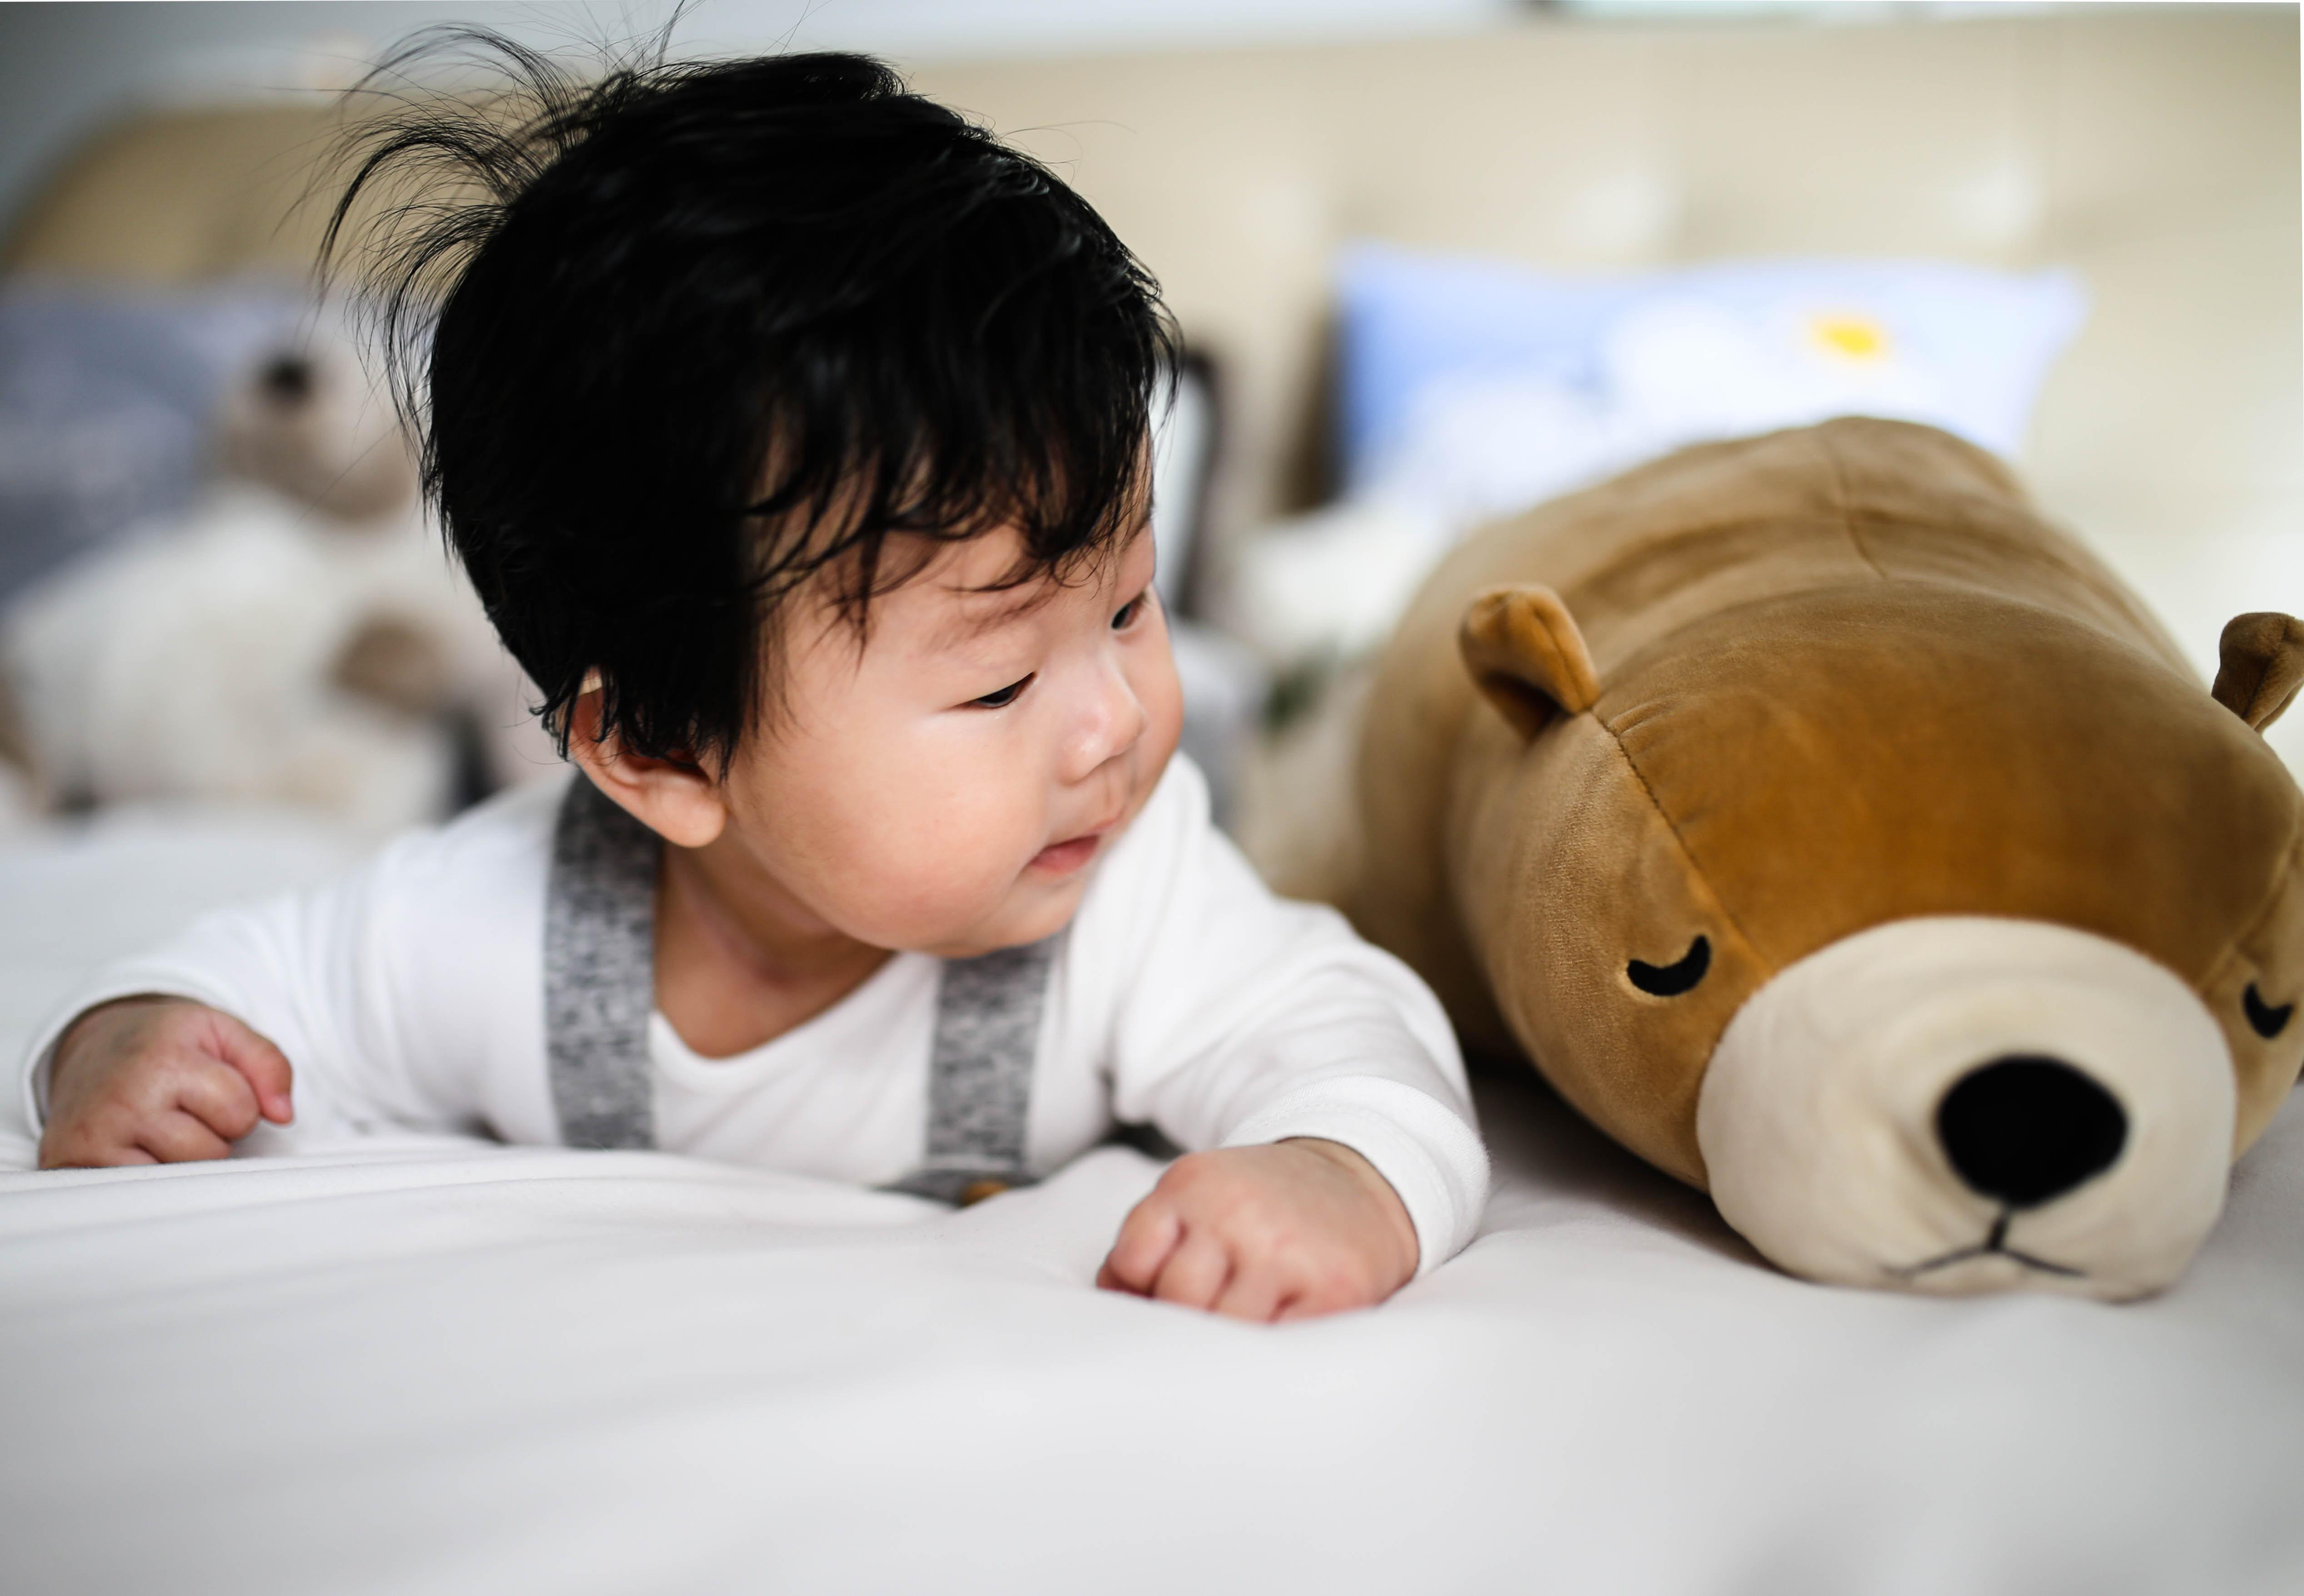 nz-ece-infant-on-rug